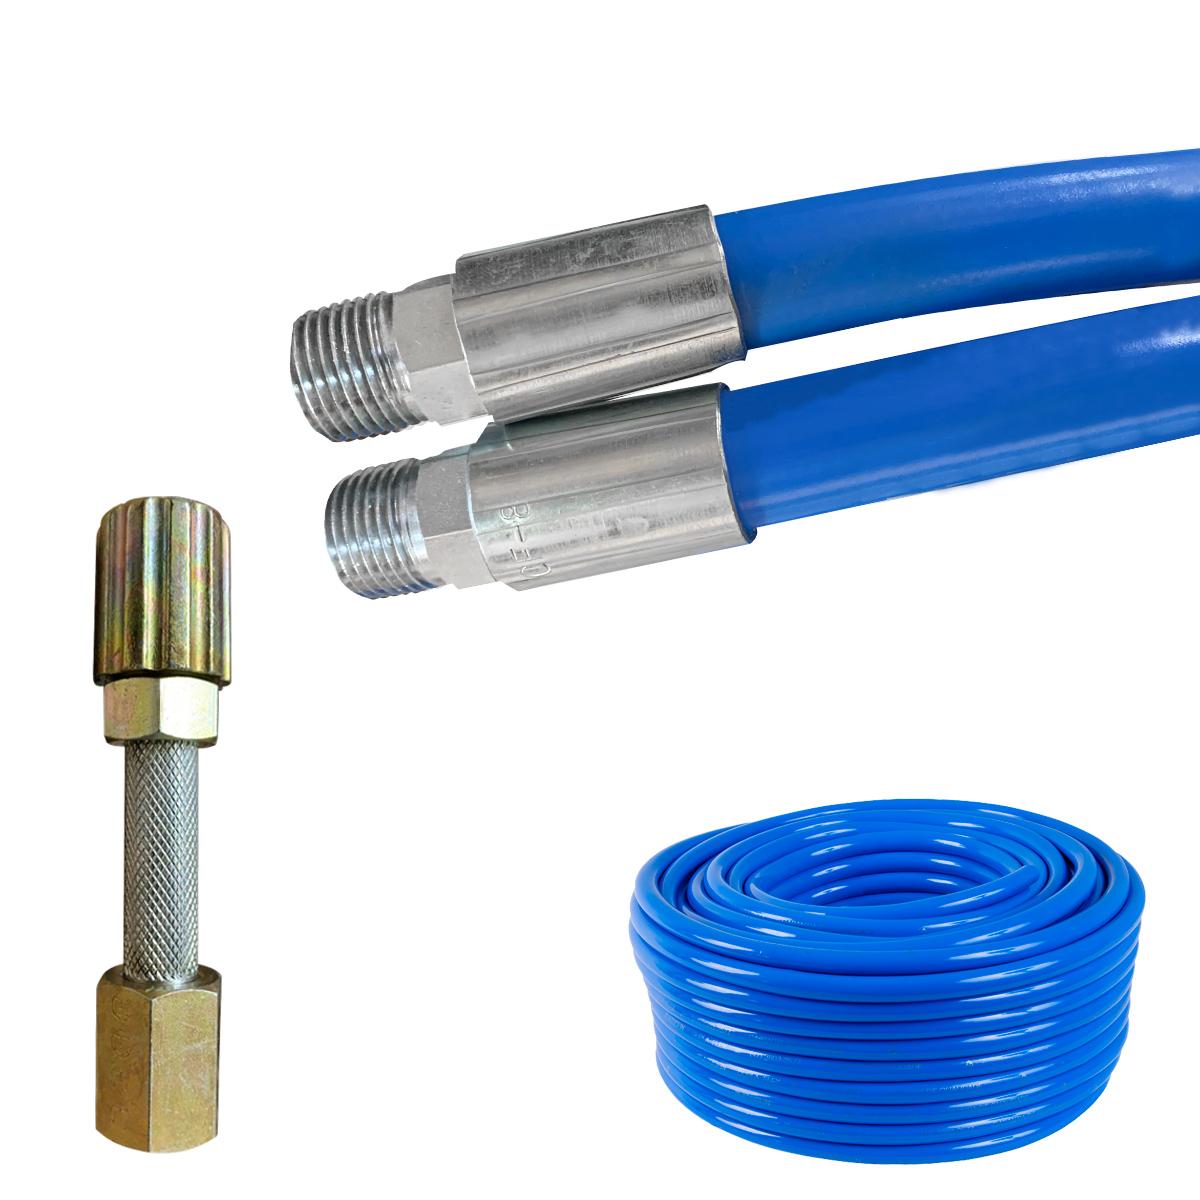 Mangueira Lava Rápido Jato Car Azul Lavadora Alta Pressão 10m Conexão 1/2 Prensado Com Esguicho Metal 3,2mm